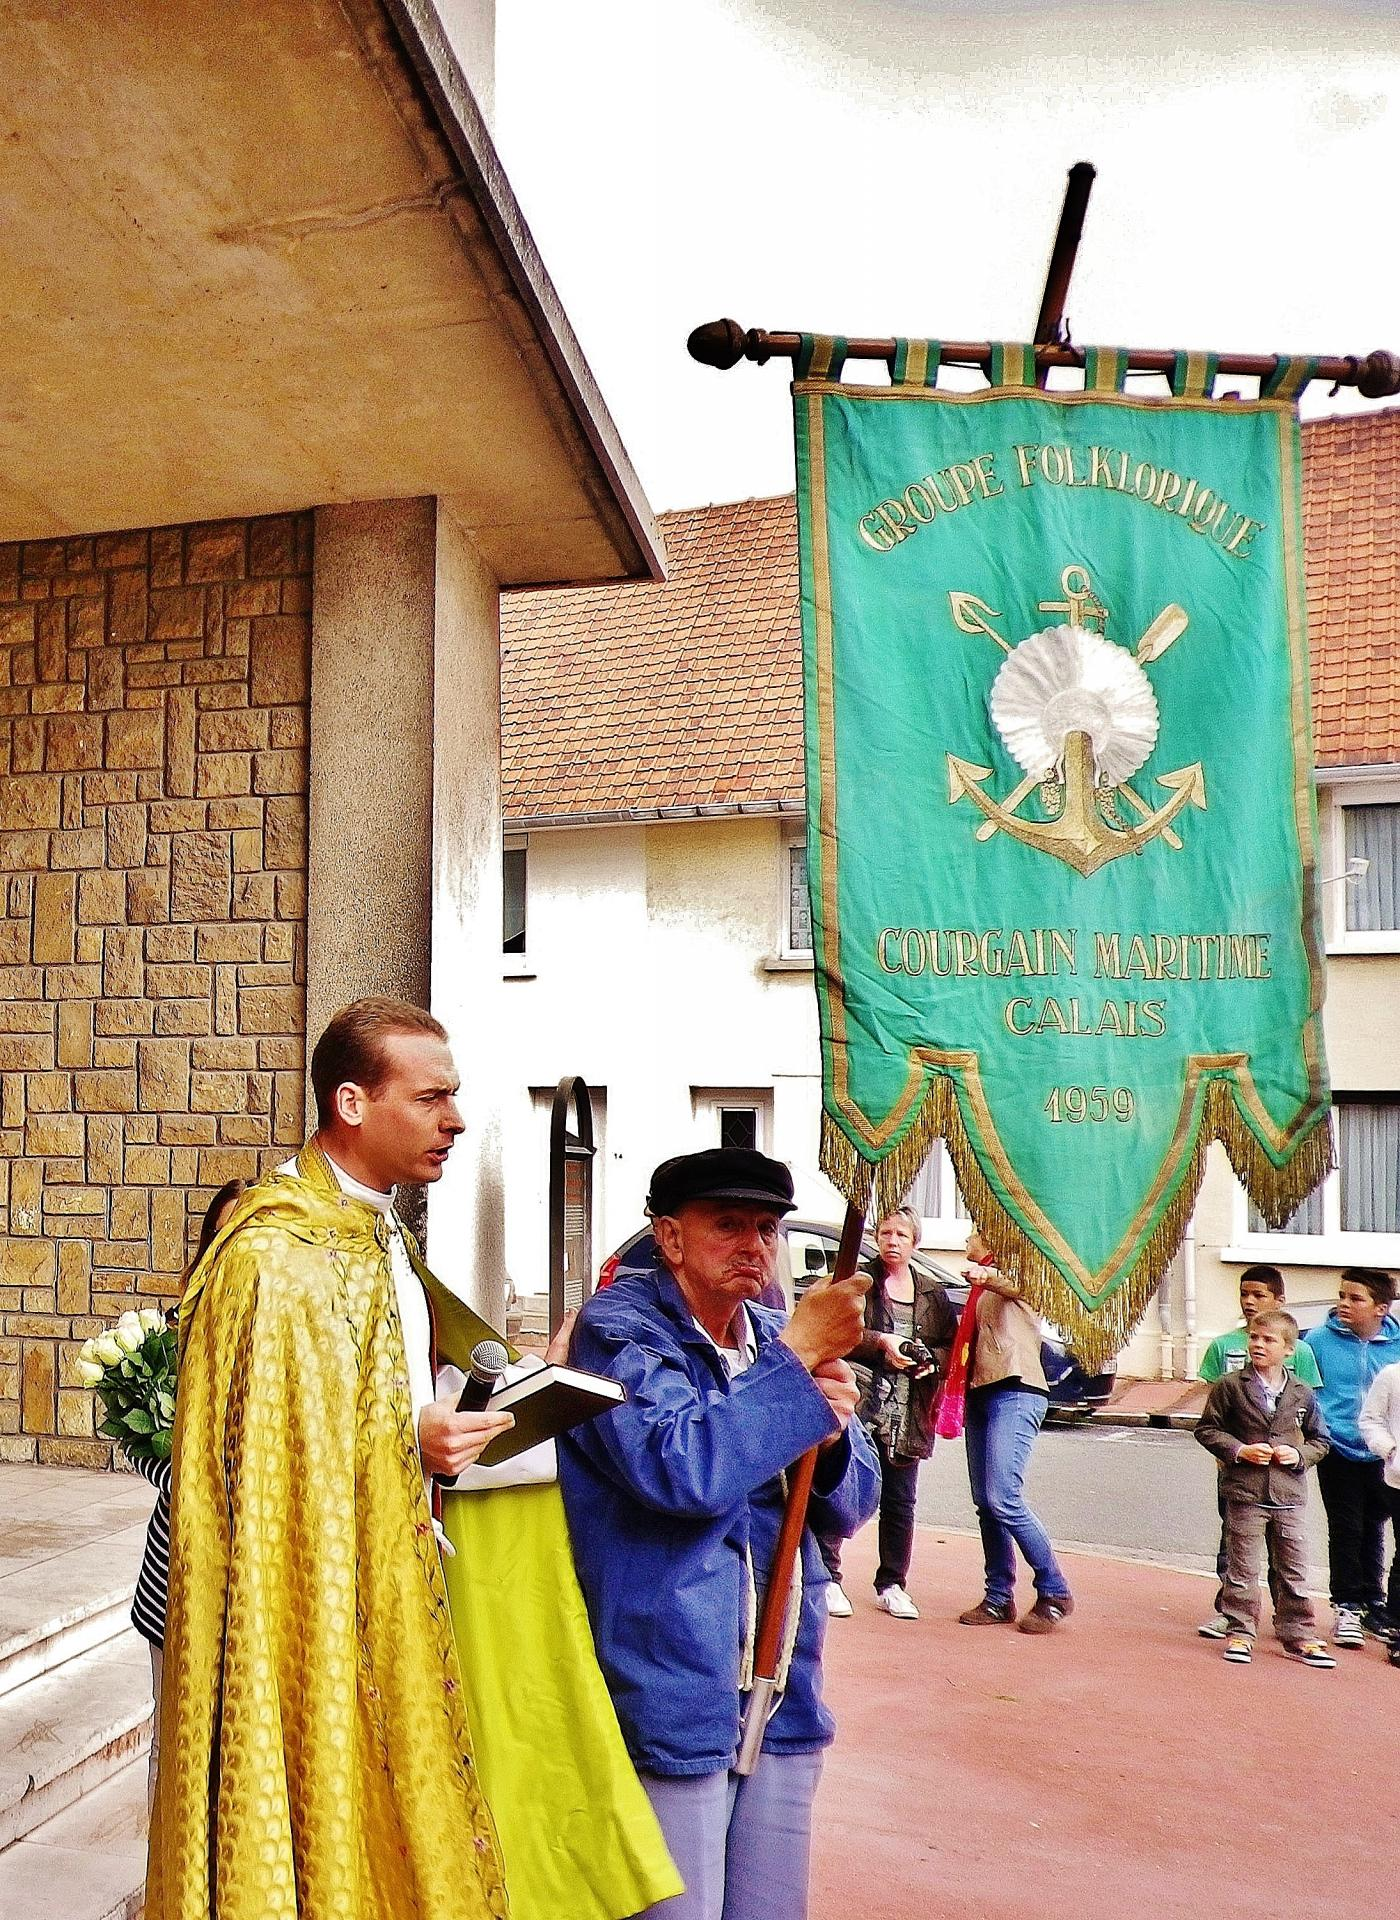 L abbe poidevin prend la tete du cortege lors des ceremonies de la benediction de la mer a calais courgain maritime